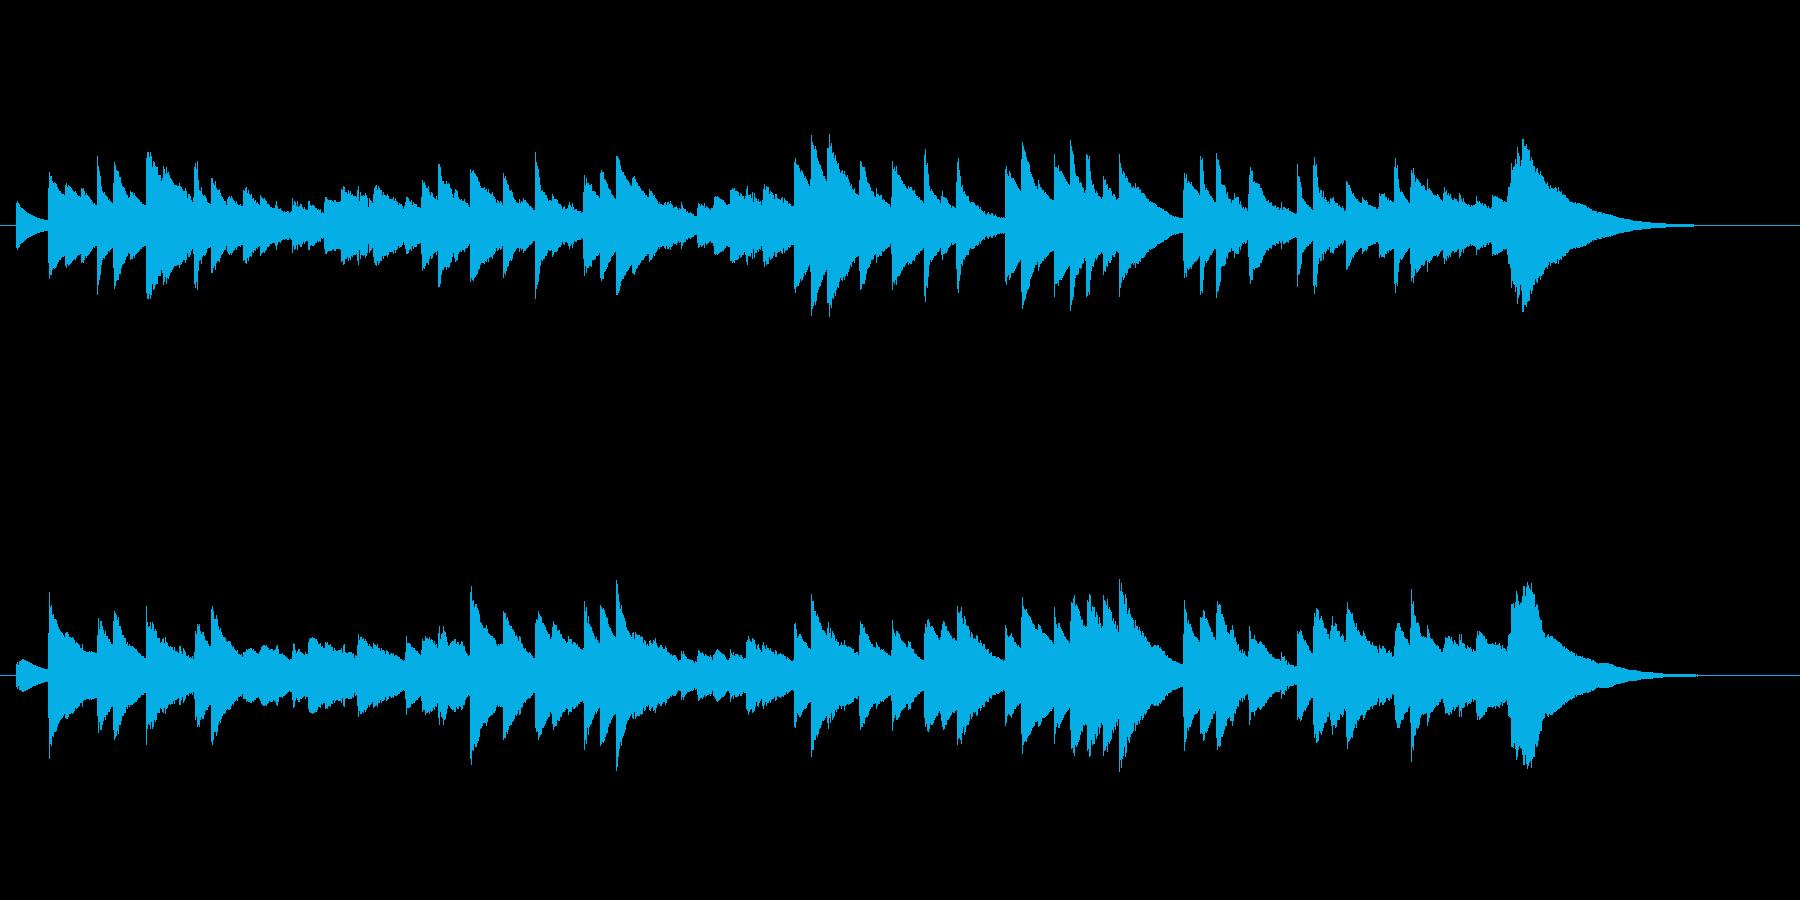 寂しい雰囲気のオルゴールの再生済みの波形